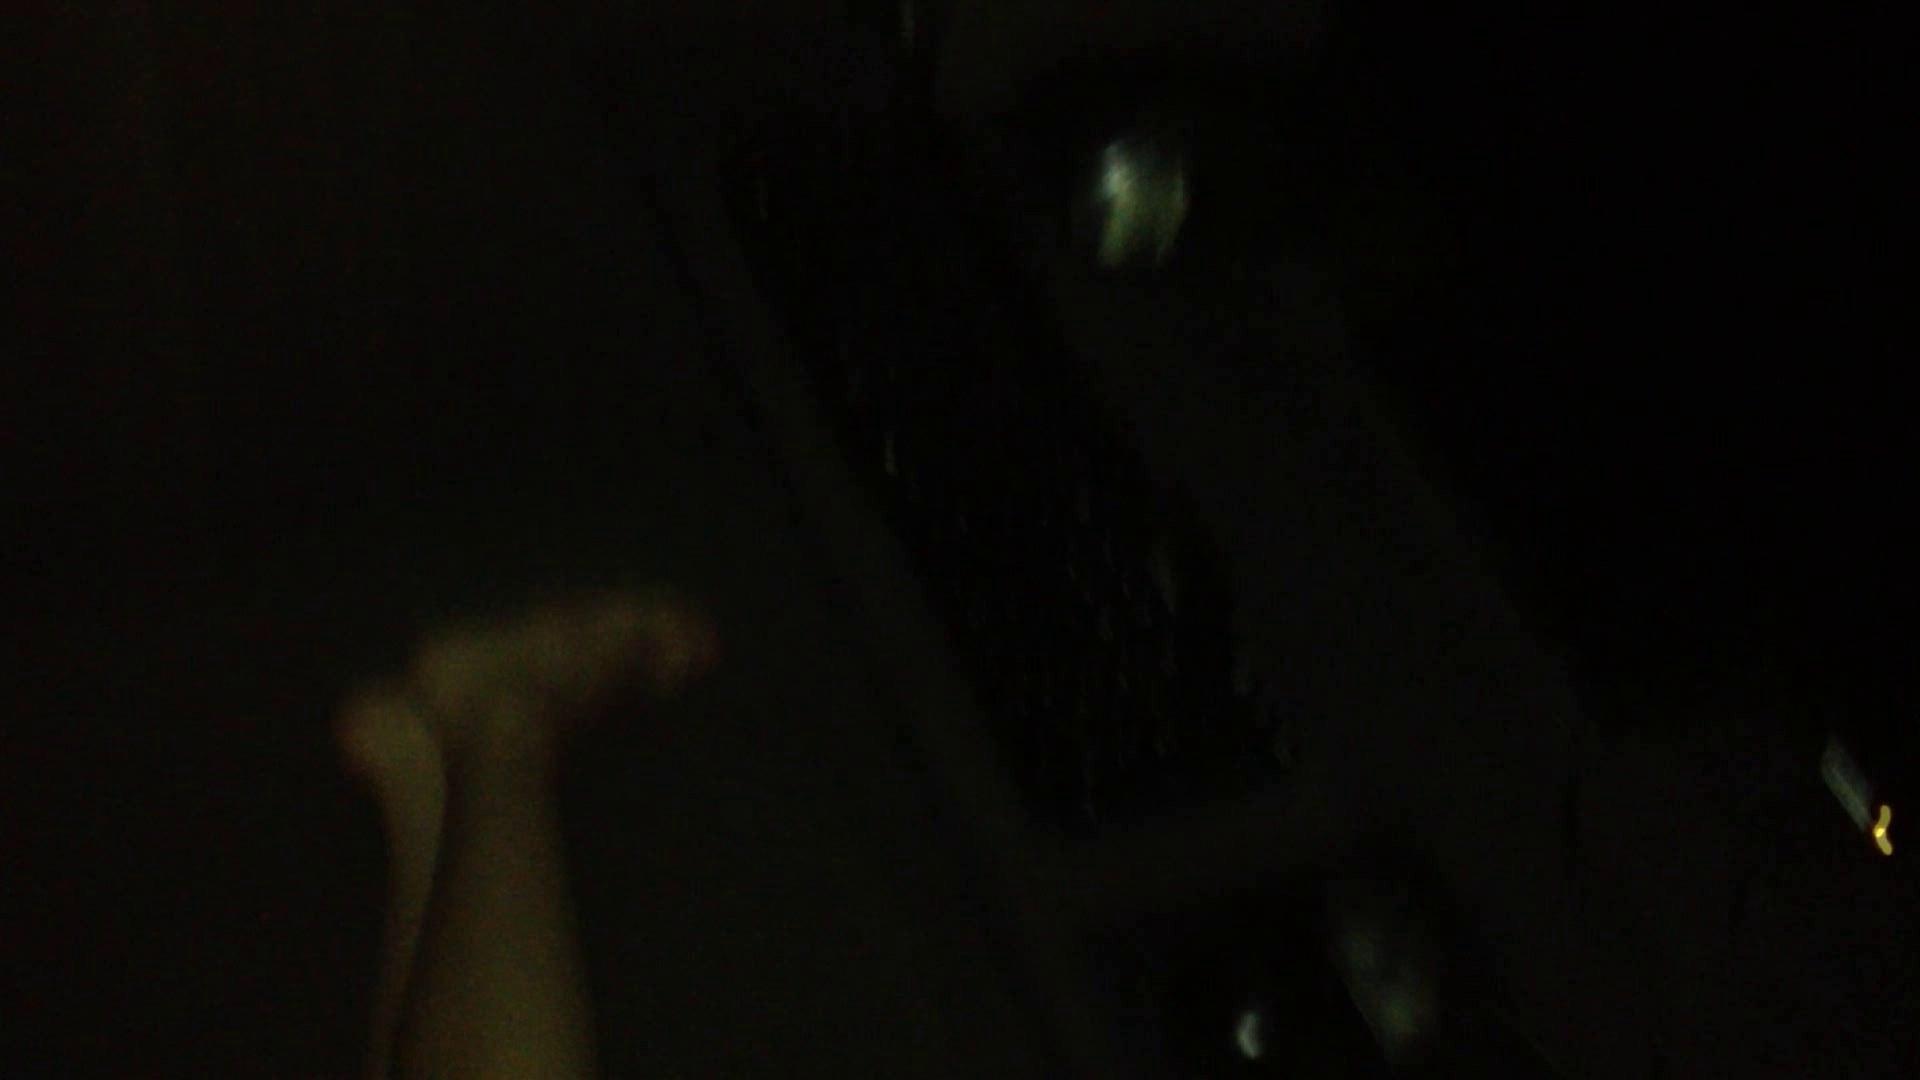 vol.45 【YMちゃん】現役JD純白パンツのお嬢様 友人・知人 エロ無料画像 49画像 11